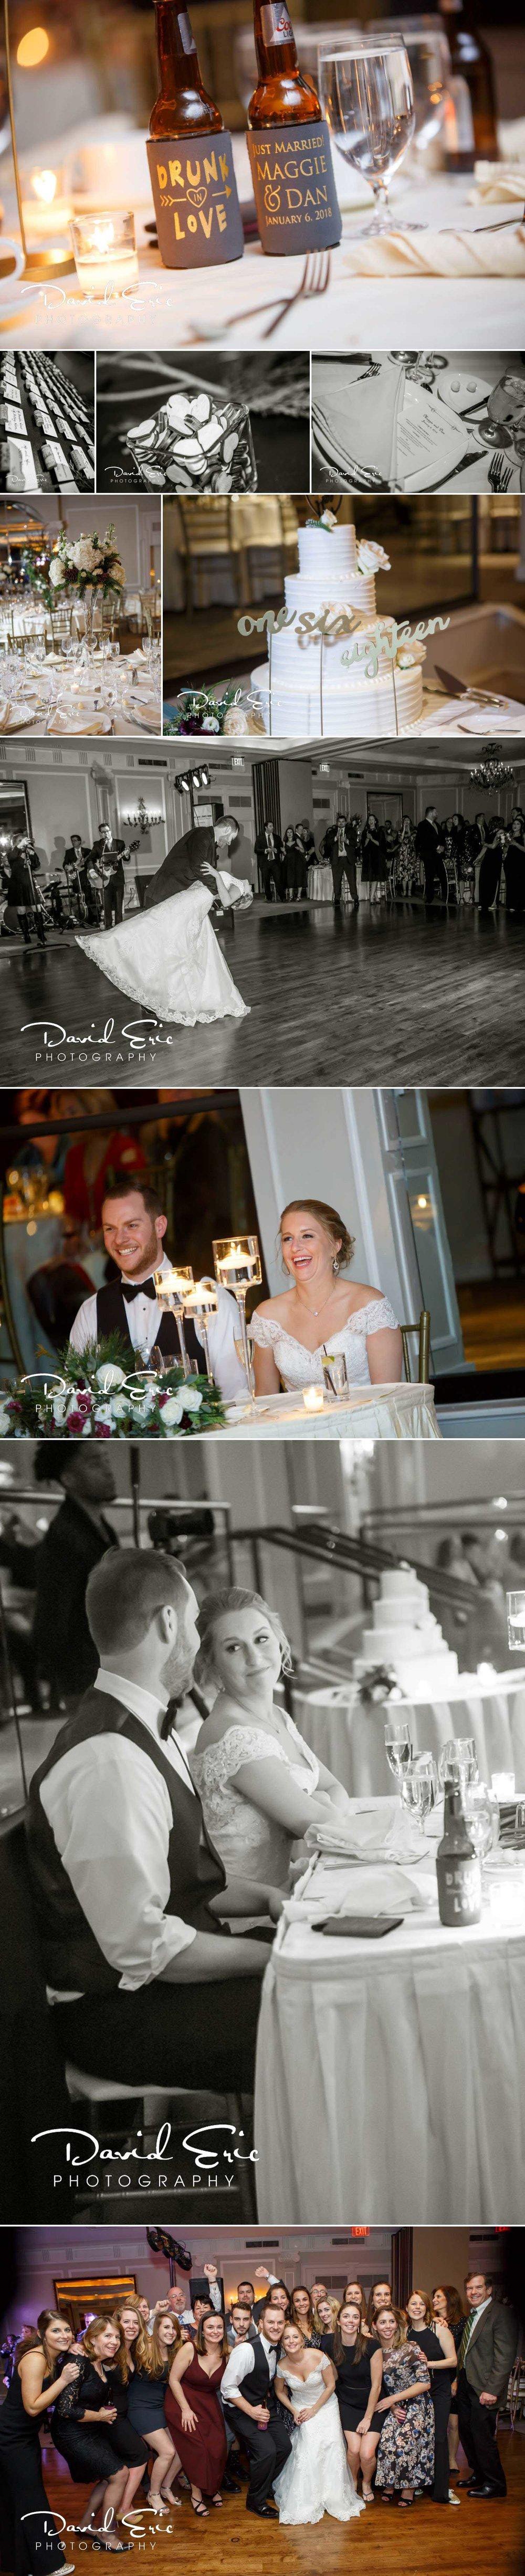 westin-governor-morris-inn-wedding-morristown-0005.jpg